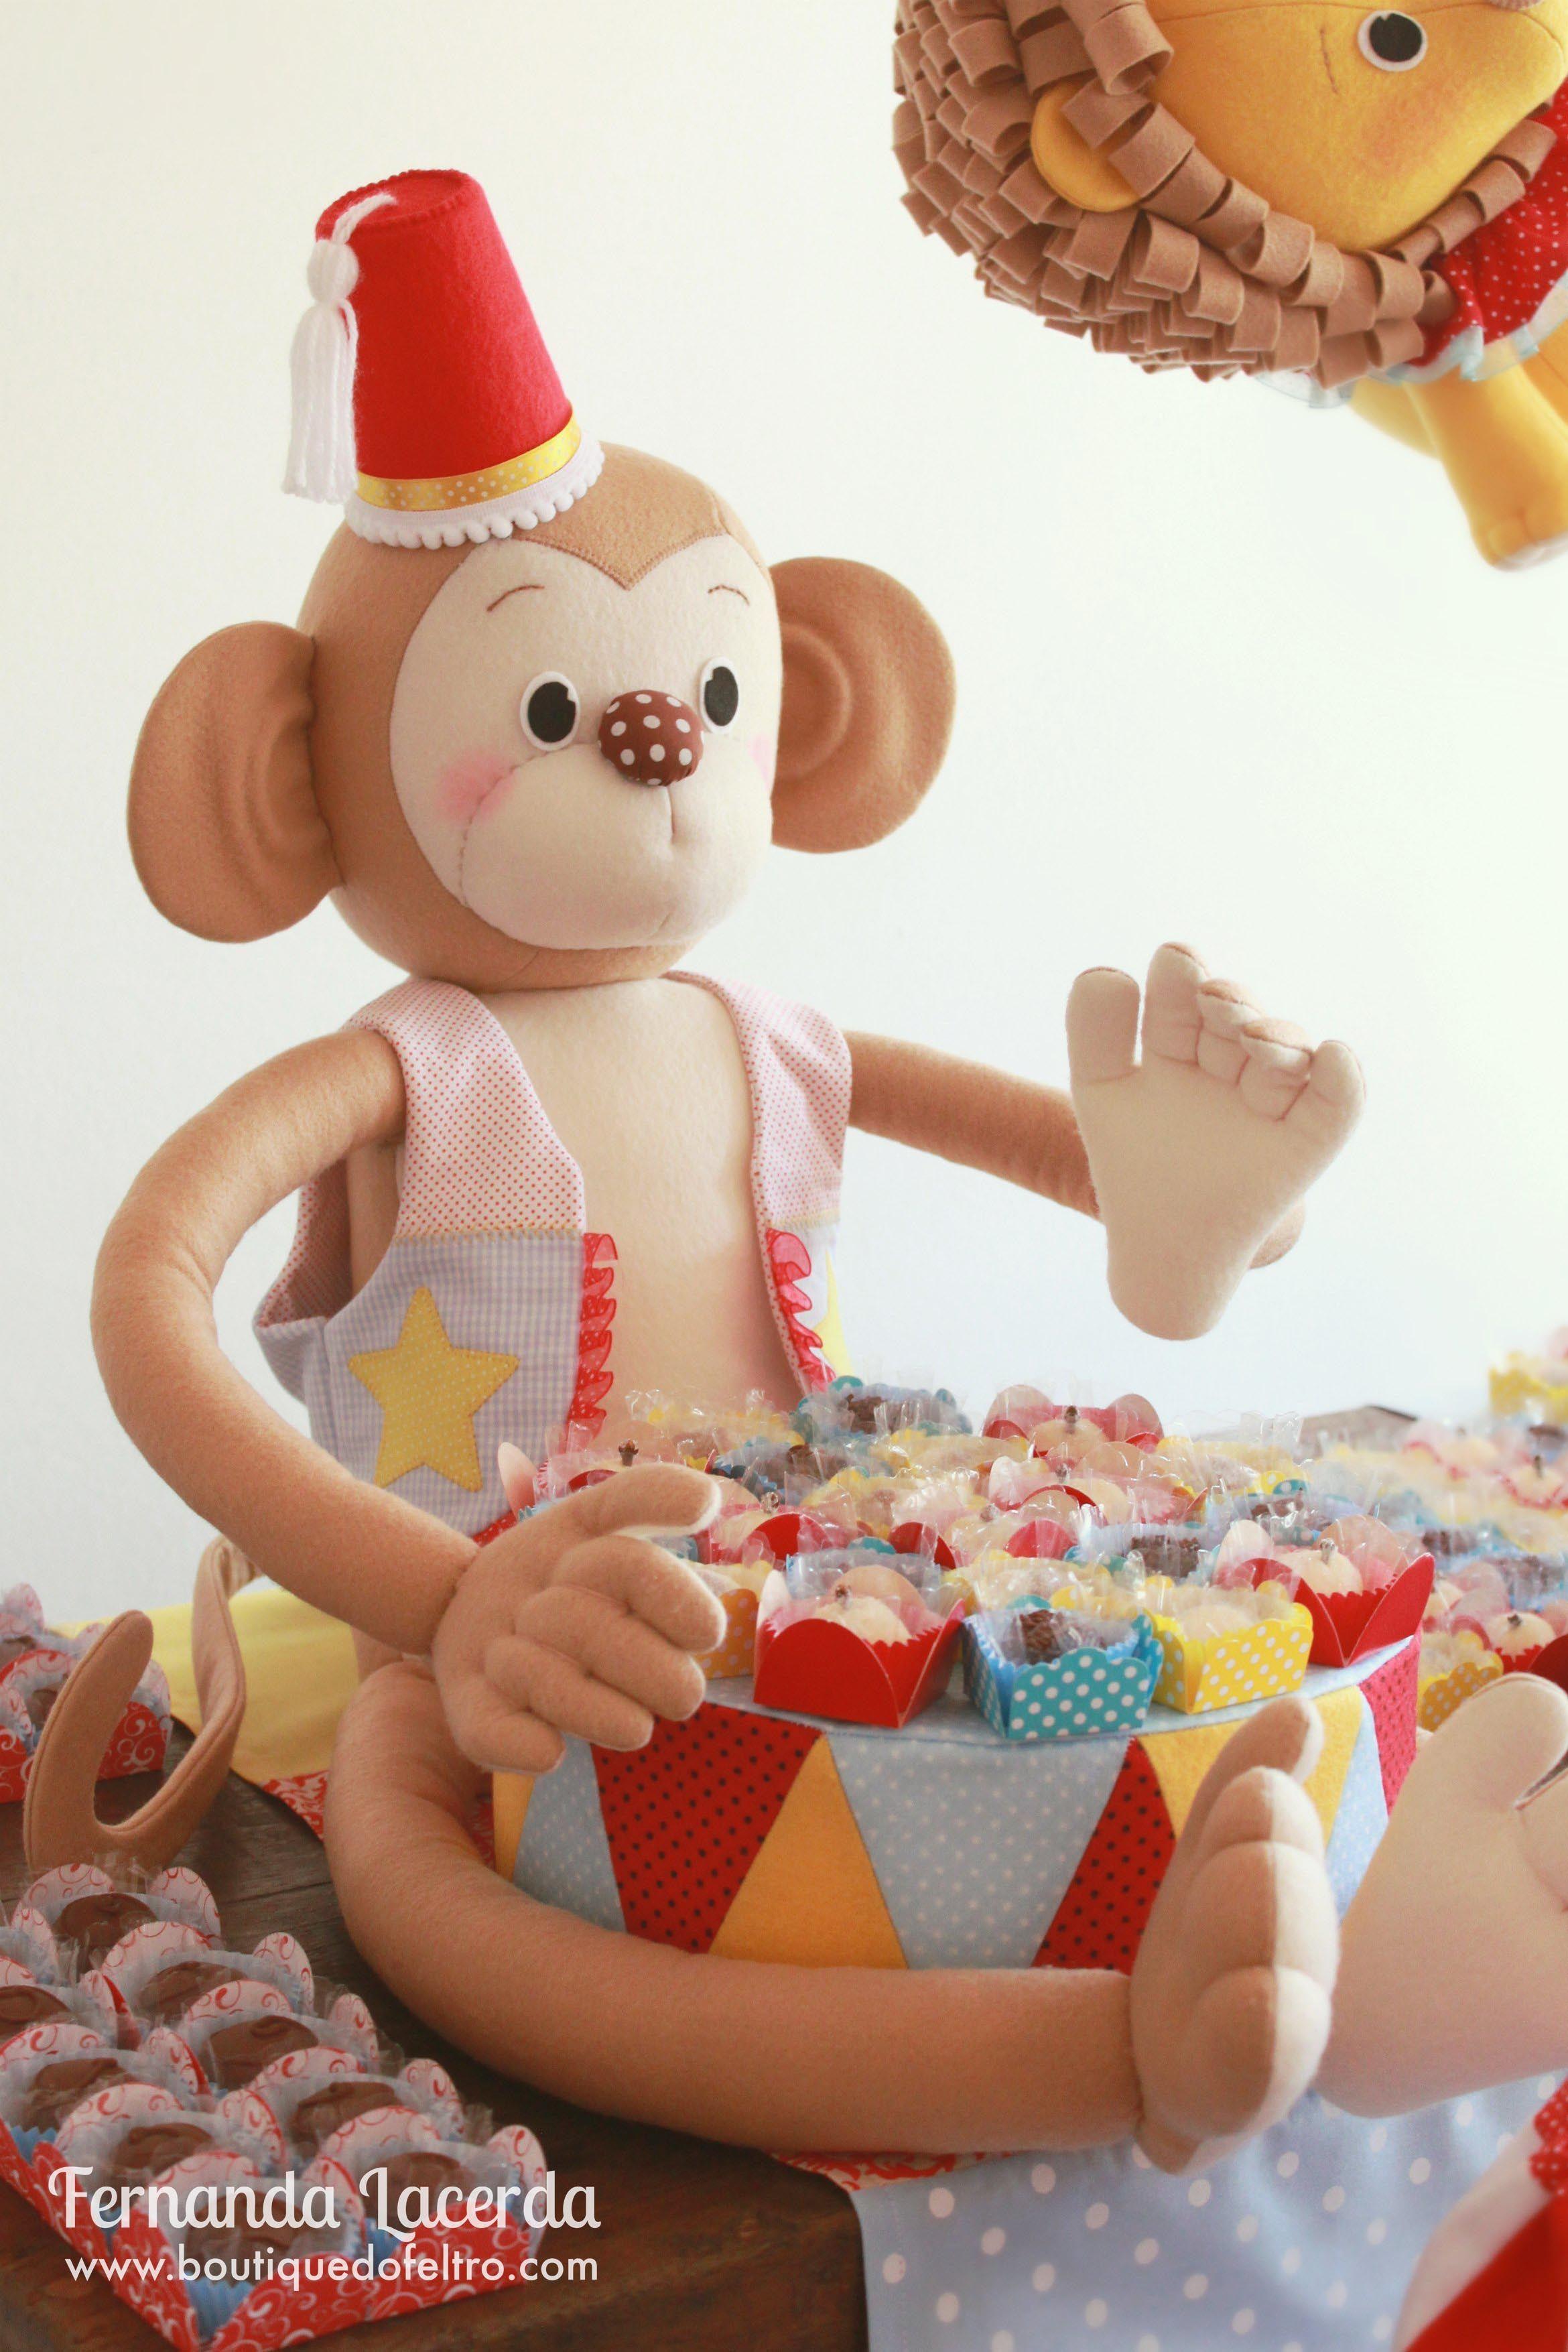 """""""Festa em Feltro: a magia do Circo"""" por Fernanda Lacerda Macaco 3D todo em Feltro! www.boutiquedofeltro.com"""